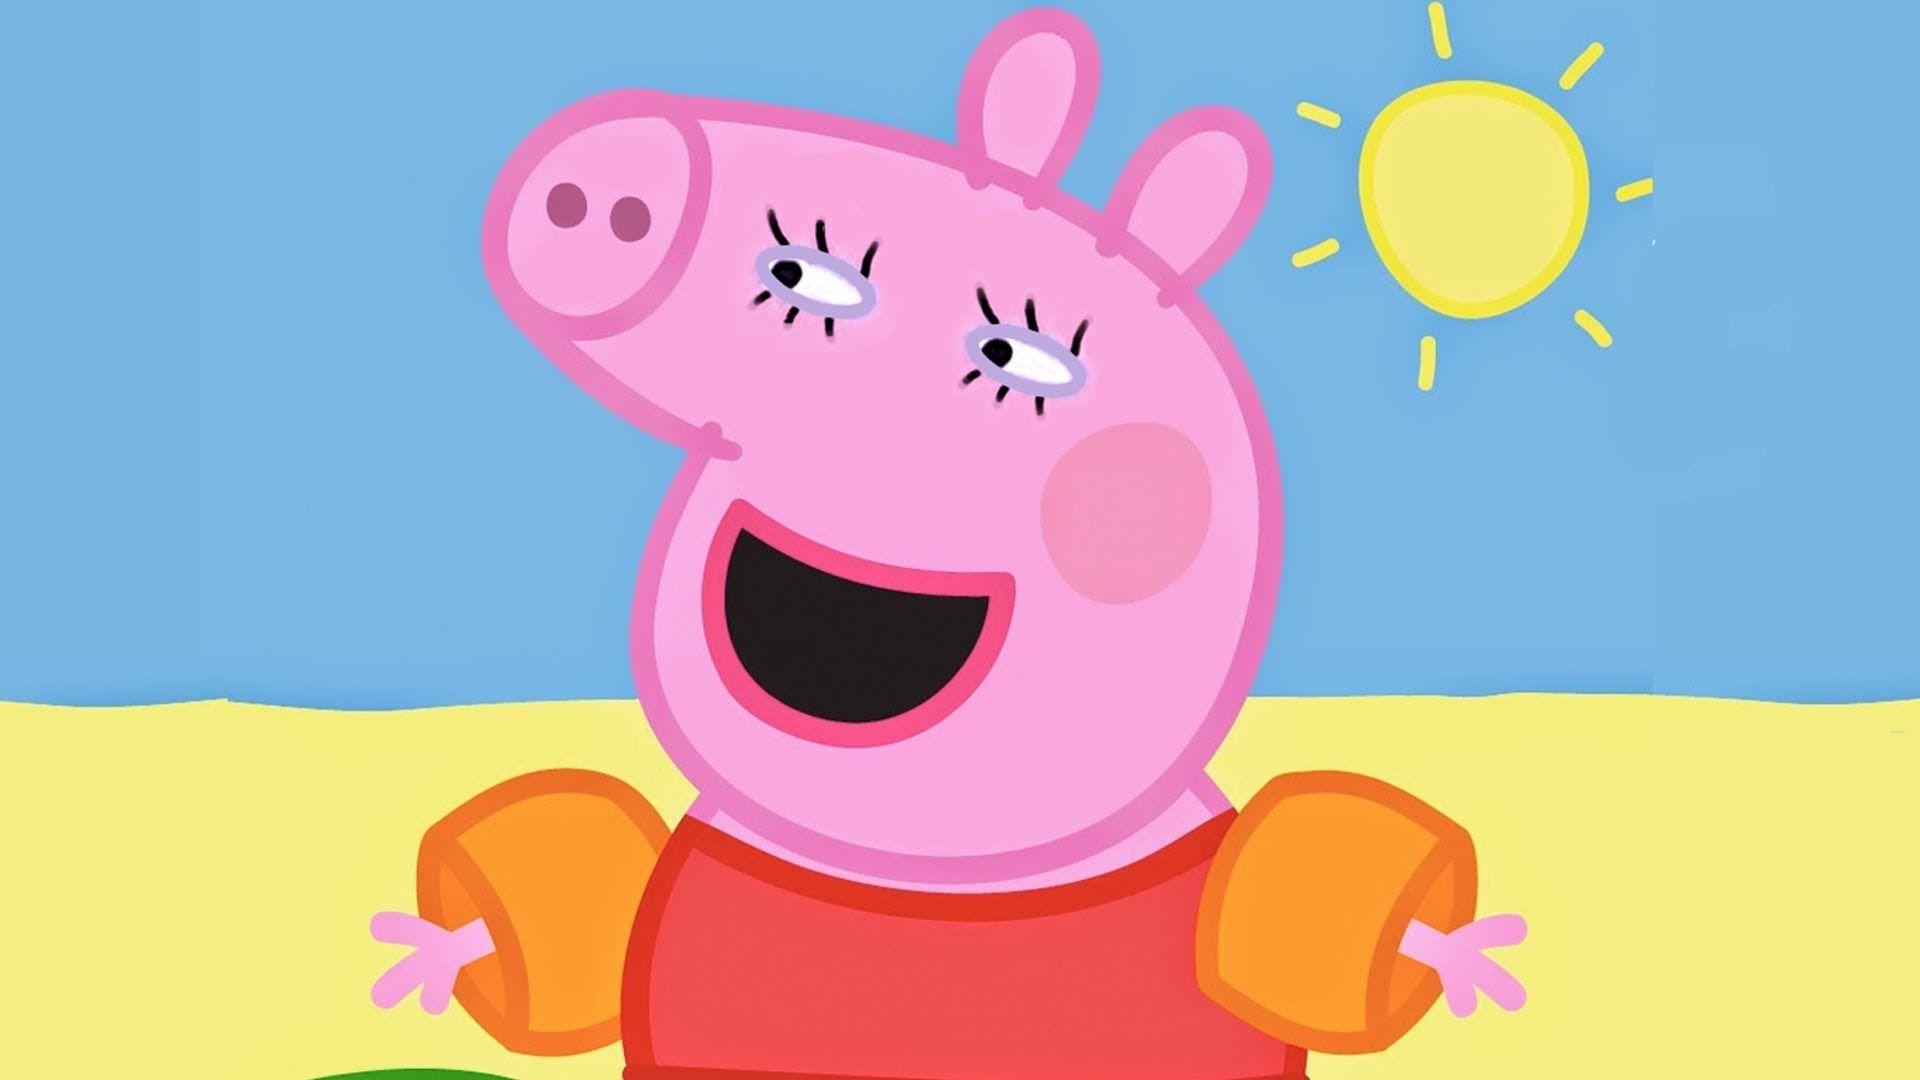 Peppa pig español, latino, capitulos completos - Dibujos animados niños ...